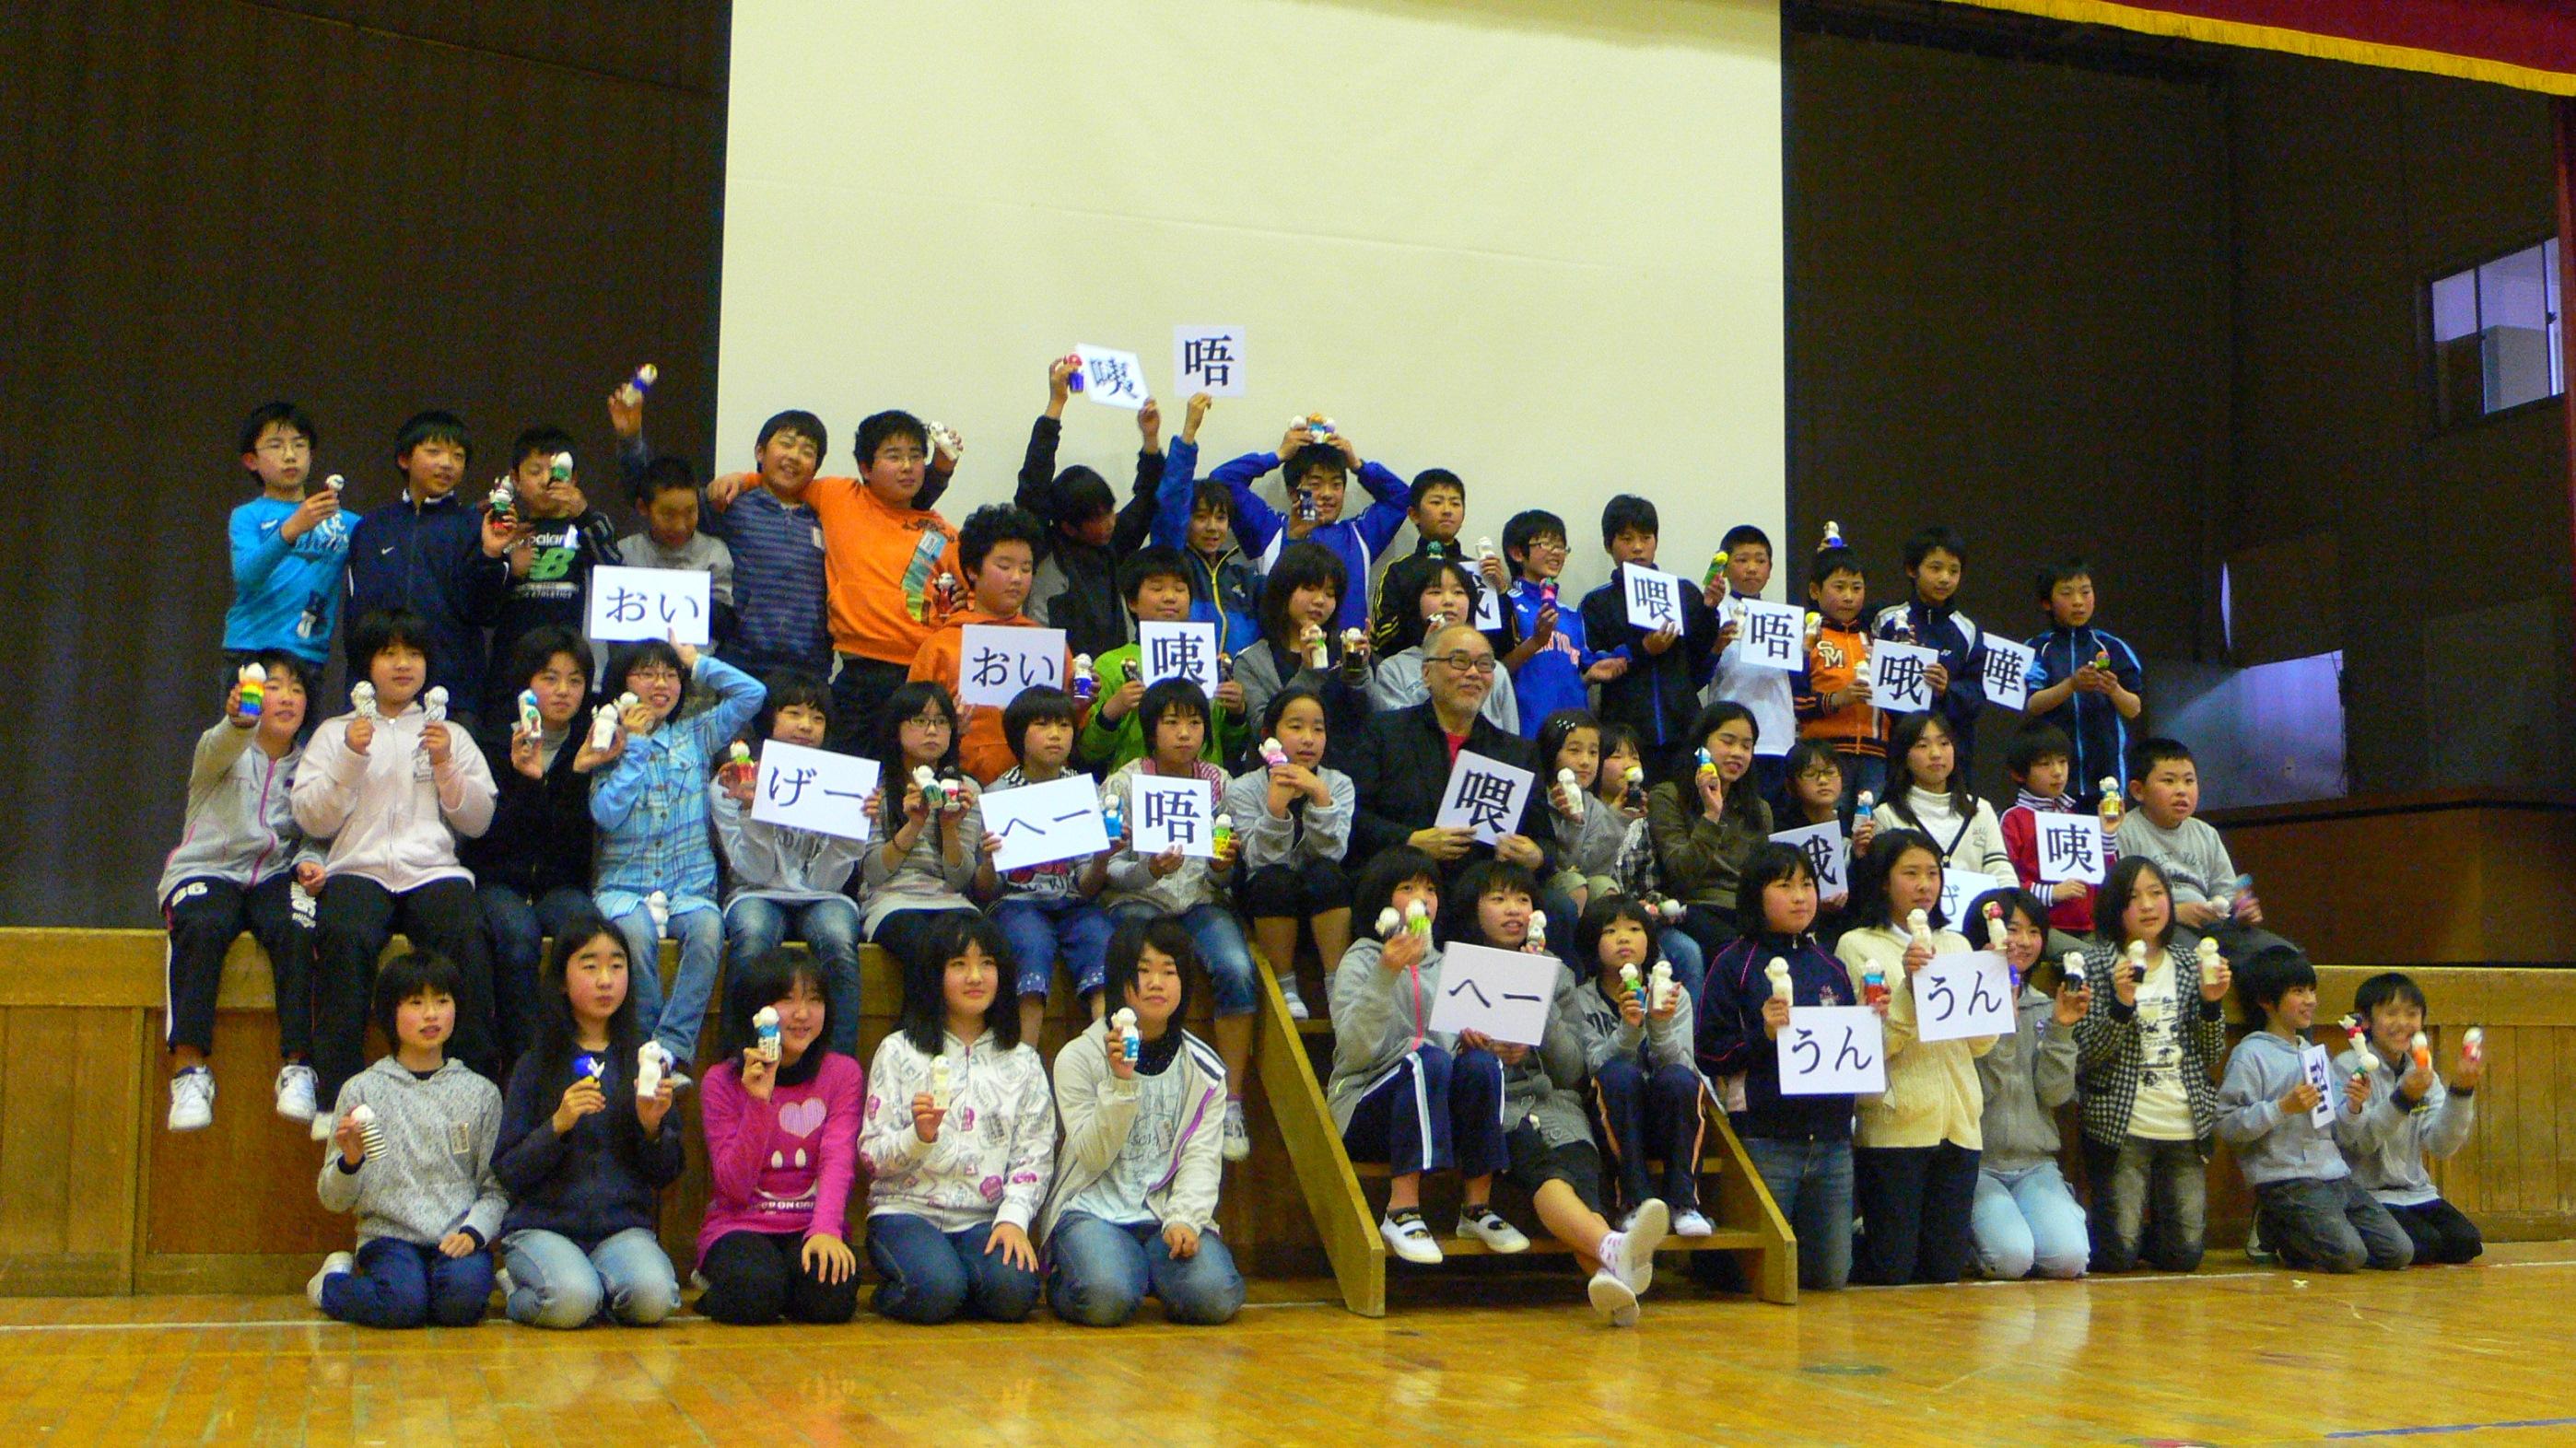 """""""天天向上""""日本的学校发展项目。照片来源:荣念曾"""